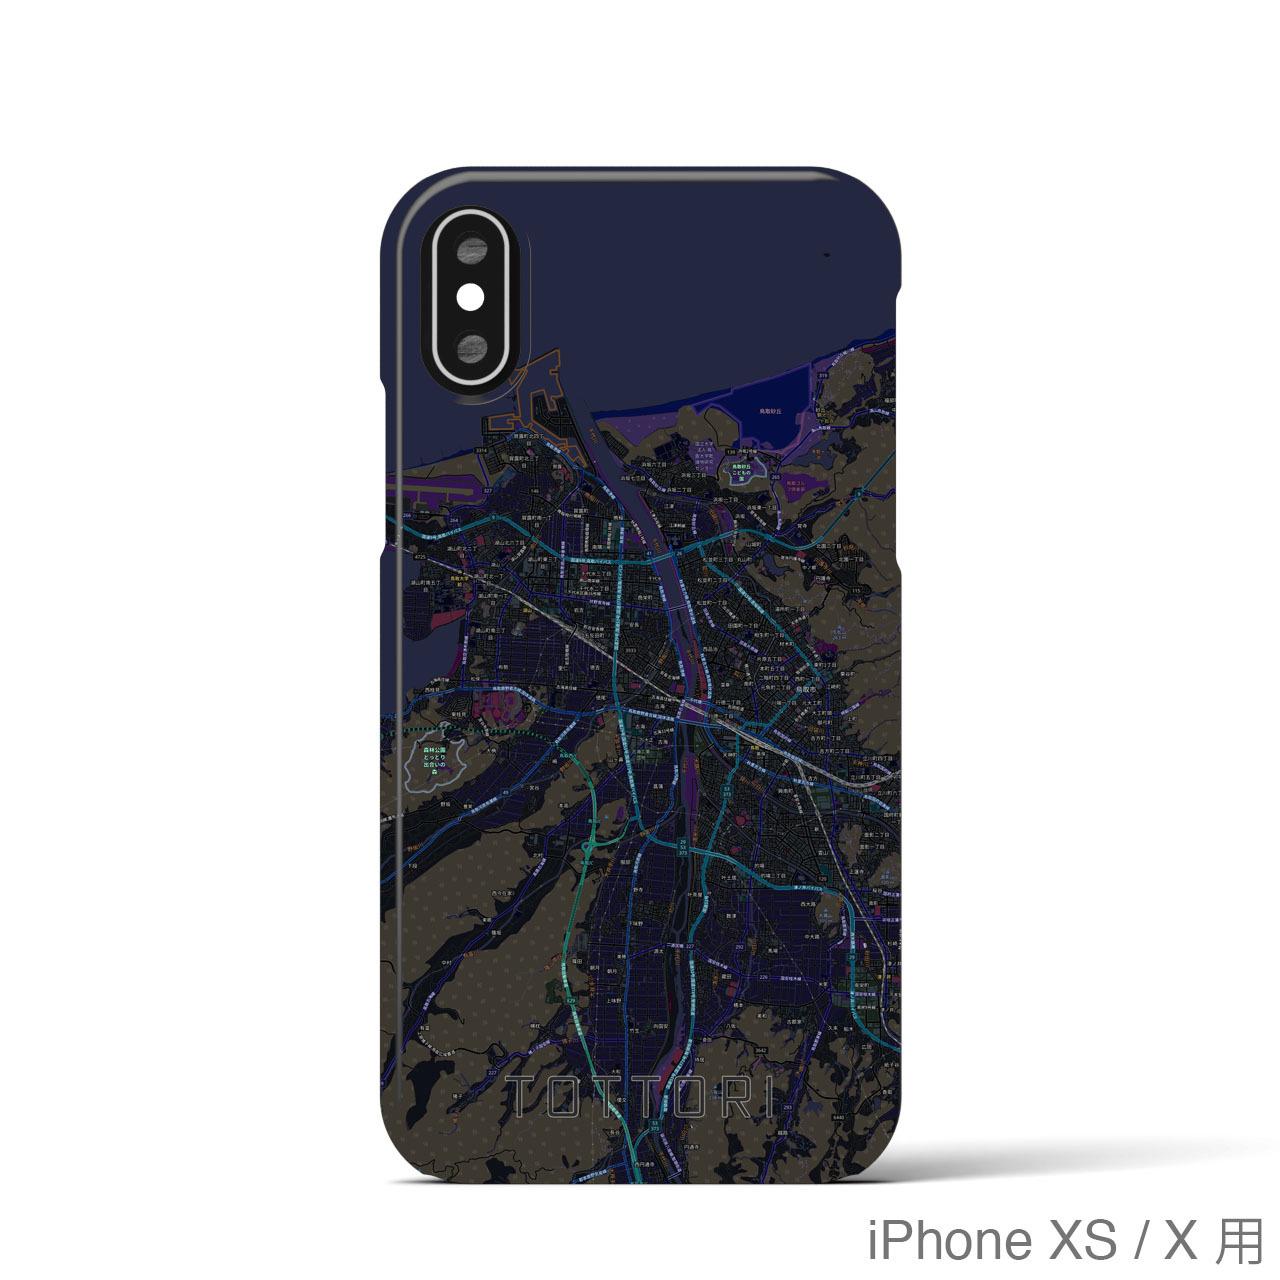 【鳥取】地図柄iPhoneケース(バックカバータイプ・ブラック)